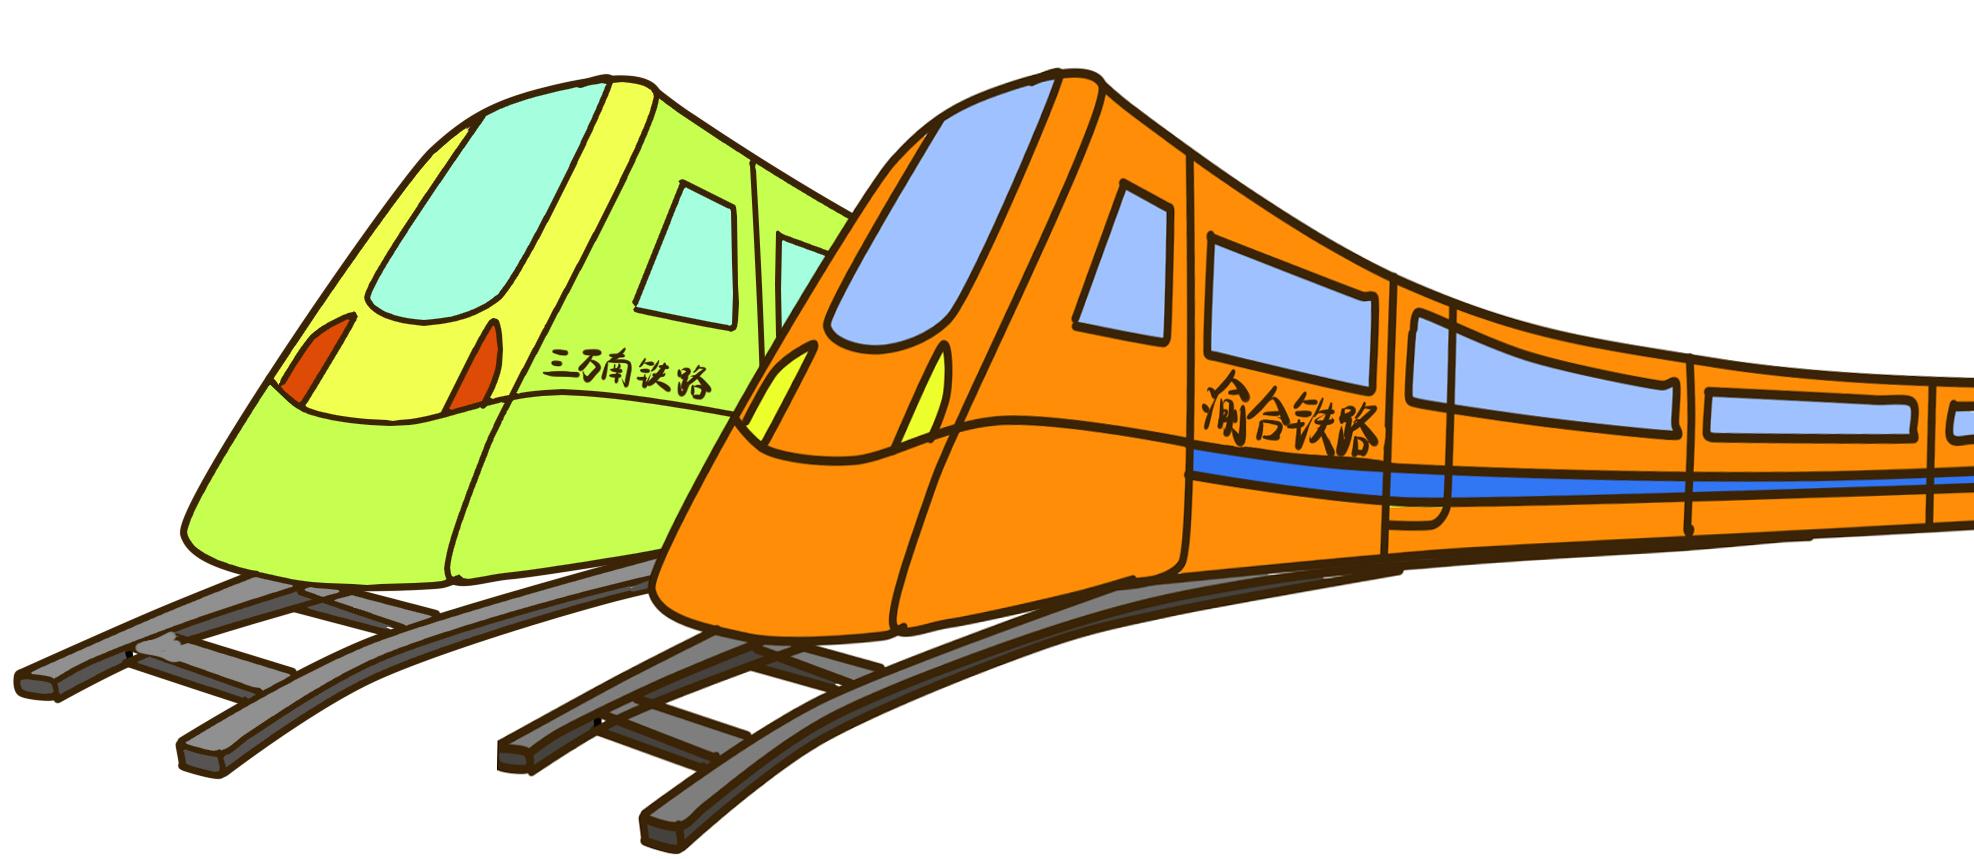 黔张常也是重庆到厦门铁路线的其中一段,在重庆境内23公里(不说了哈).